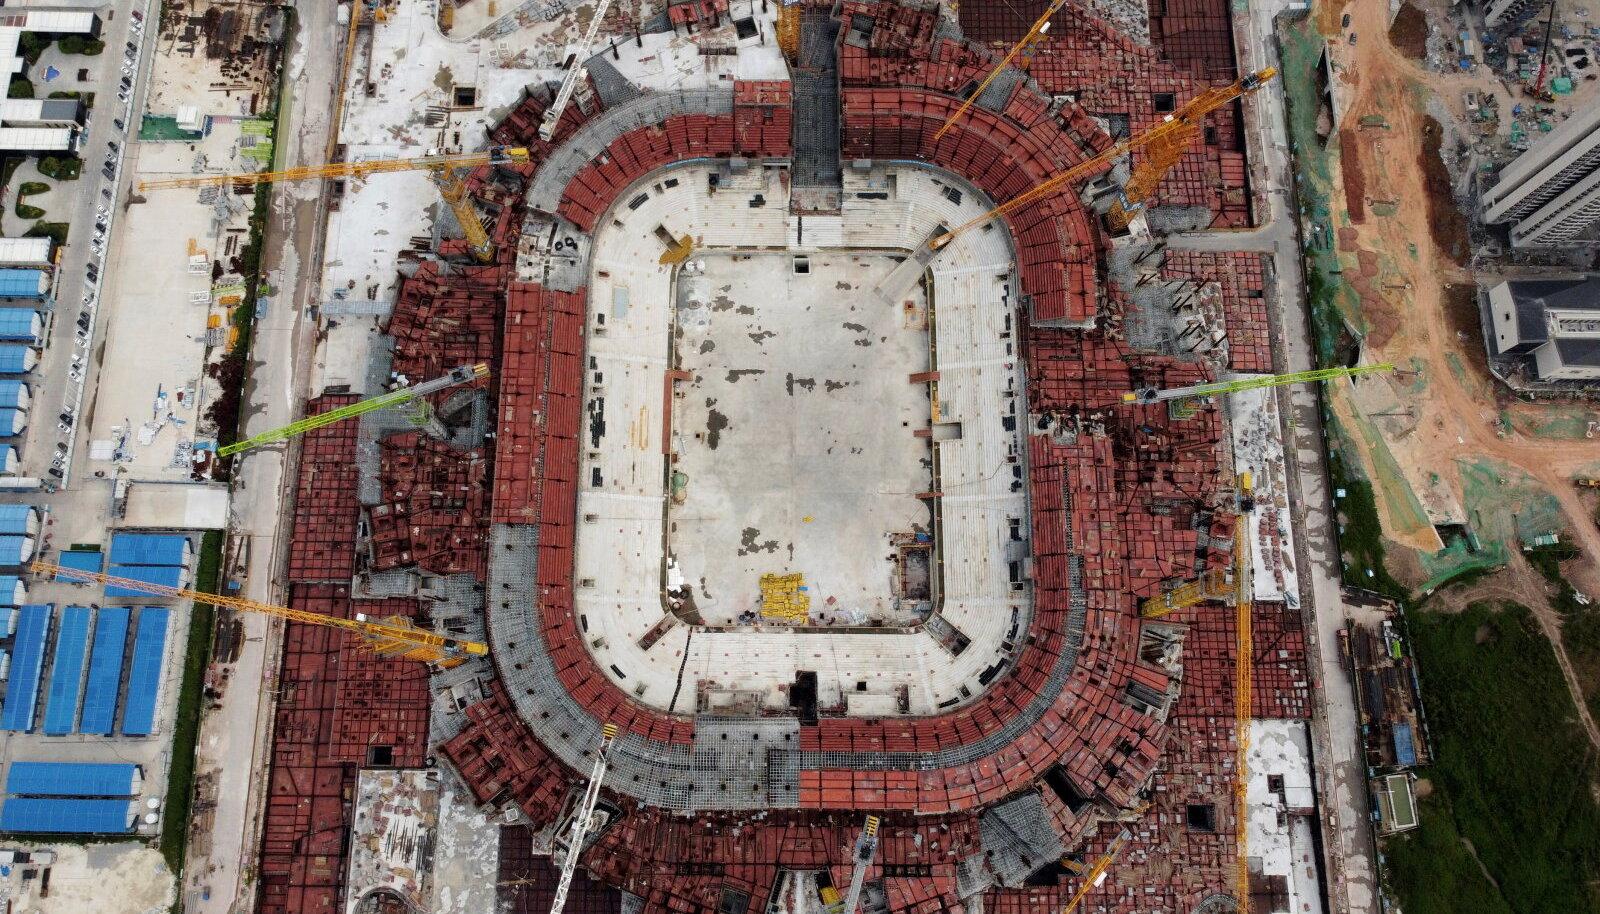 TÖÖ JÄTKUB HIIGELVÕLAST HOOLIMATA: Ühe suurprojektina on Evergrandel hetkel käsil Guangzhousse 100 000 kohaga jalgpallistaadioni ehitamine. Valmimisel oleks tegu maailma suurima spetsiaalselt jalgpalli mängimiseks mõeldud staadioniga.